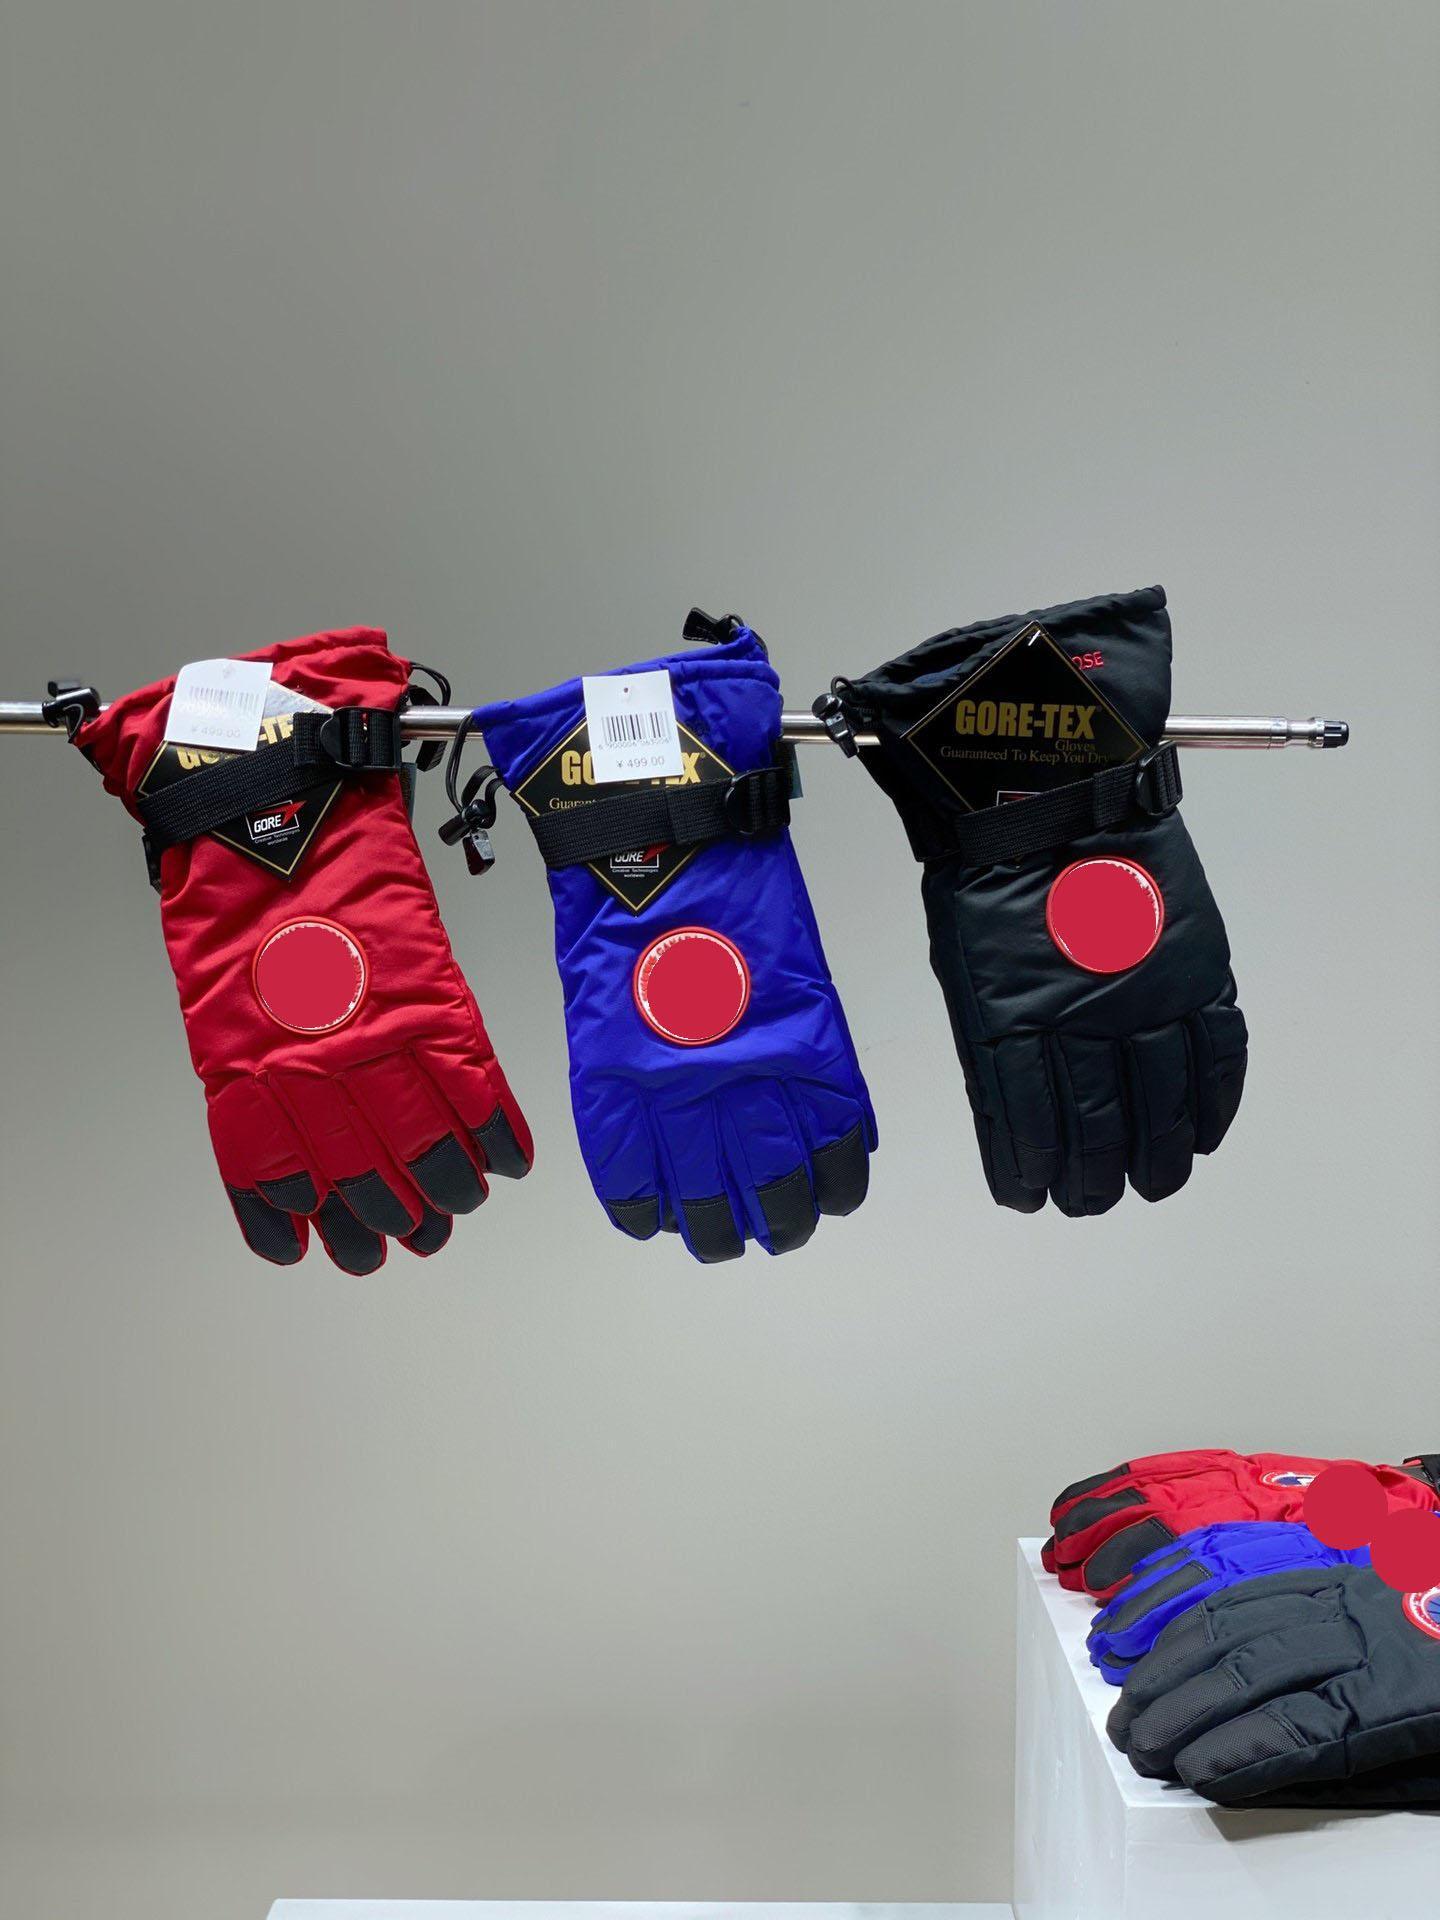 2020 Соединенные Государственные европейские Мужские Перчатки Горный Велосипед Модные Перчатки Весна Путешествия Энергетические Высокое Качество Хлопок Матовый Материал Теплые Перчатки